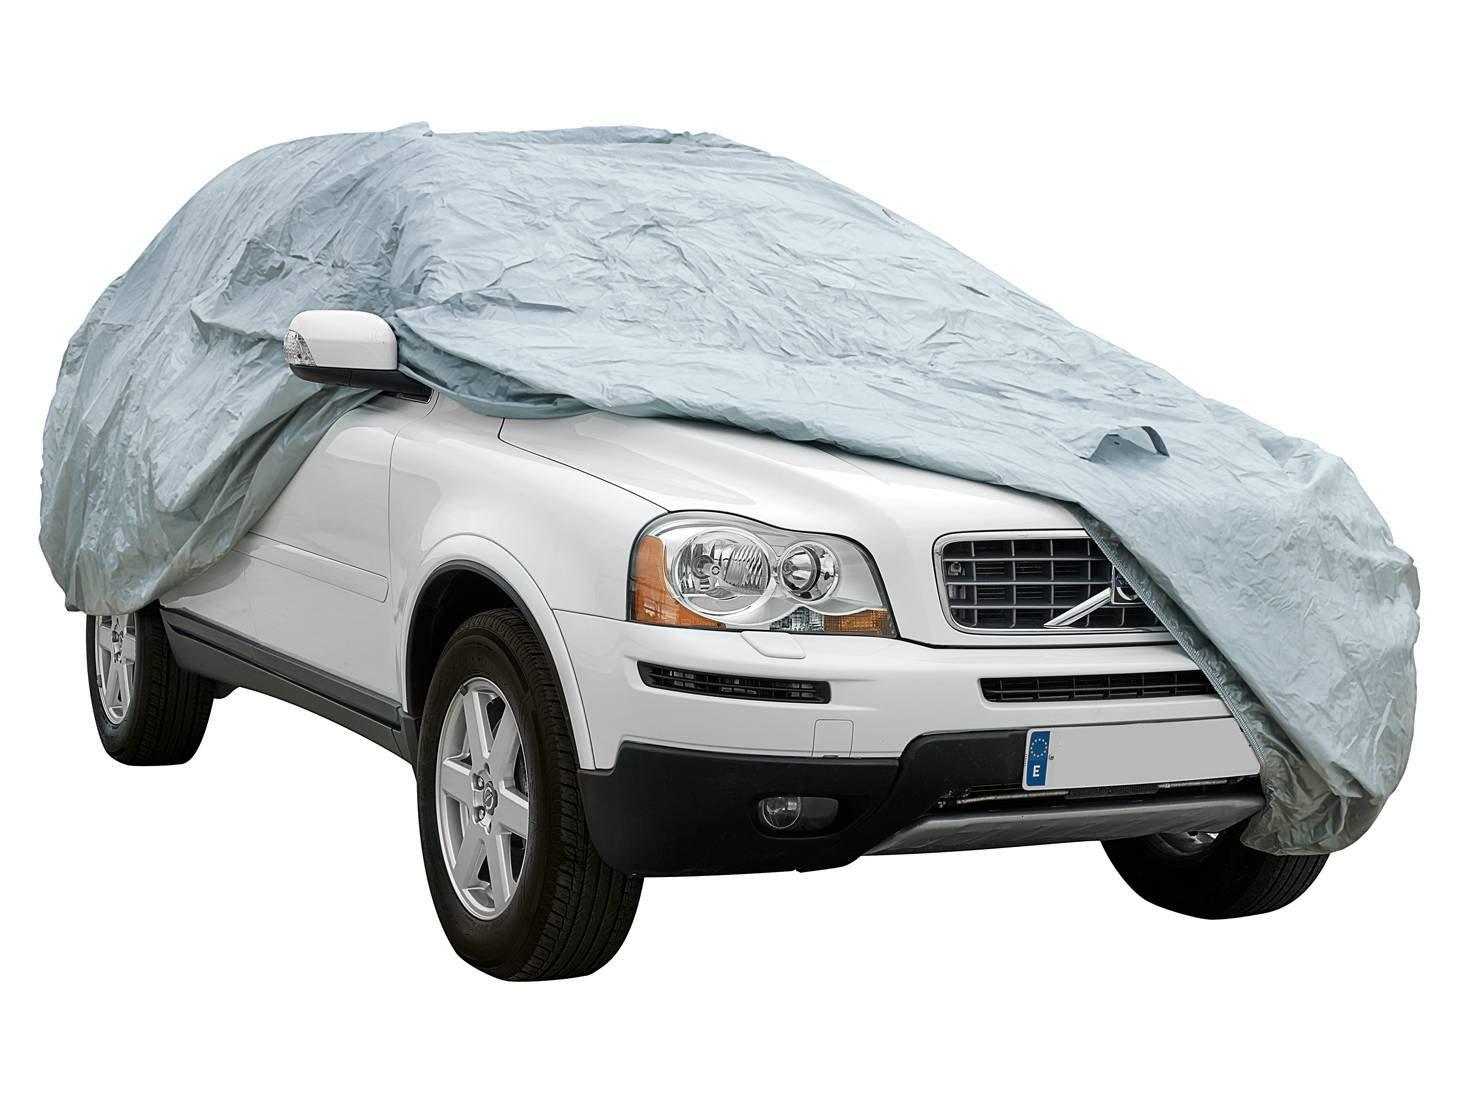 Funda exterior premium para Volkwagen TIGUAN transpirable para evitar la condensaci/ón en el parabrisas. impermeable doble capa sint/ética y de finas trazas de algod/ón por el interior